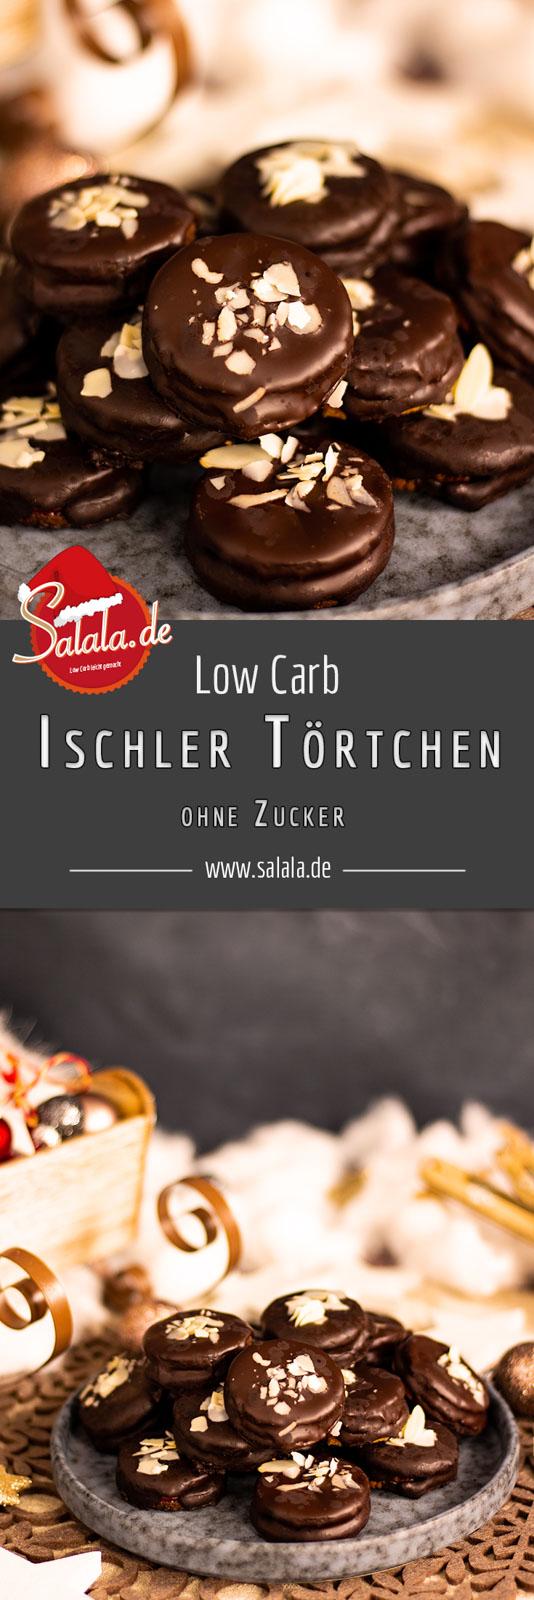 Ischler Törtchen mit Schokoladen-Buttercreme - by salala.de - ohne Zucker und ohne Mehl I Low Carb Plätzchen Rezept glutenfrei